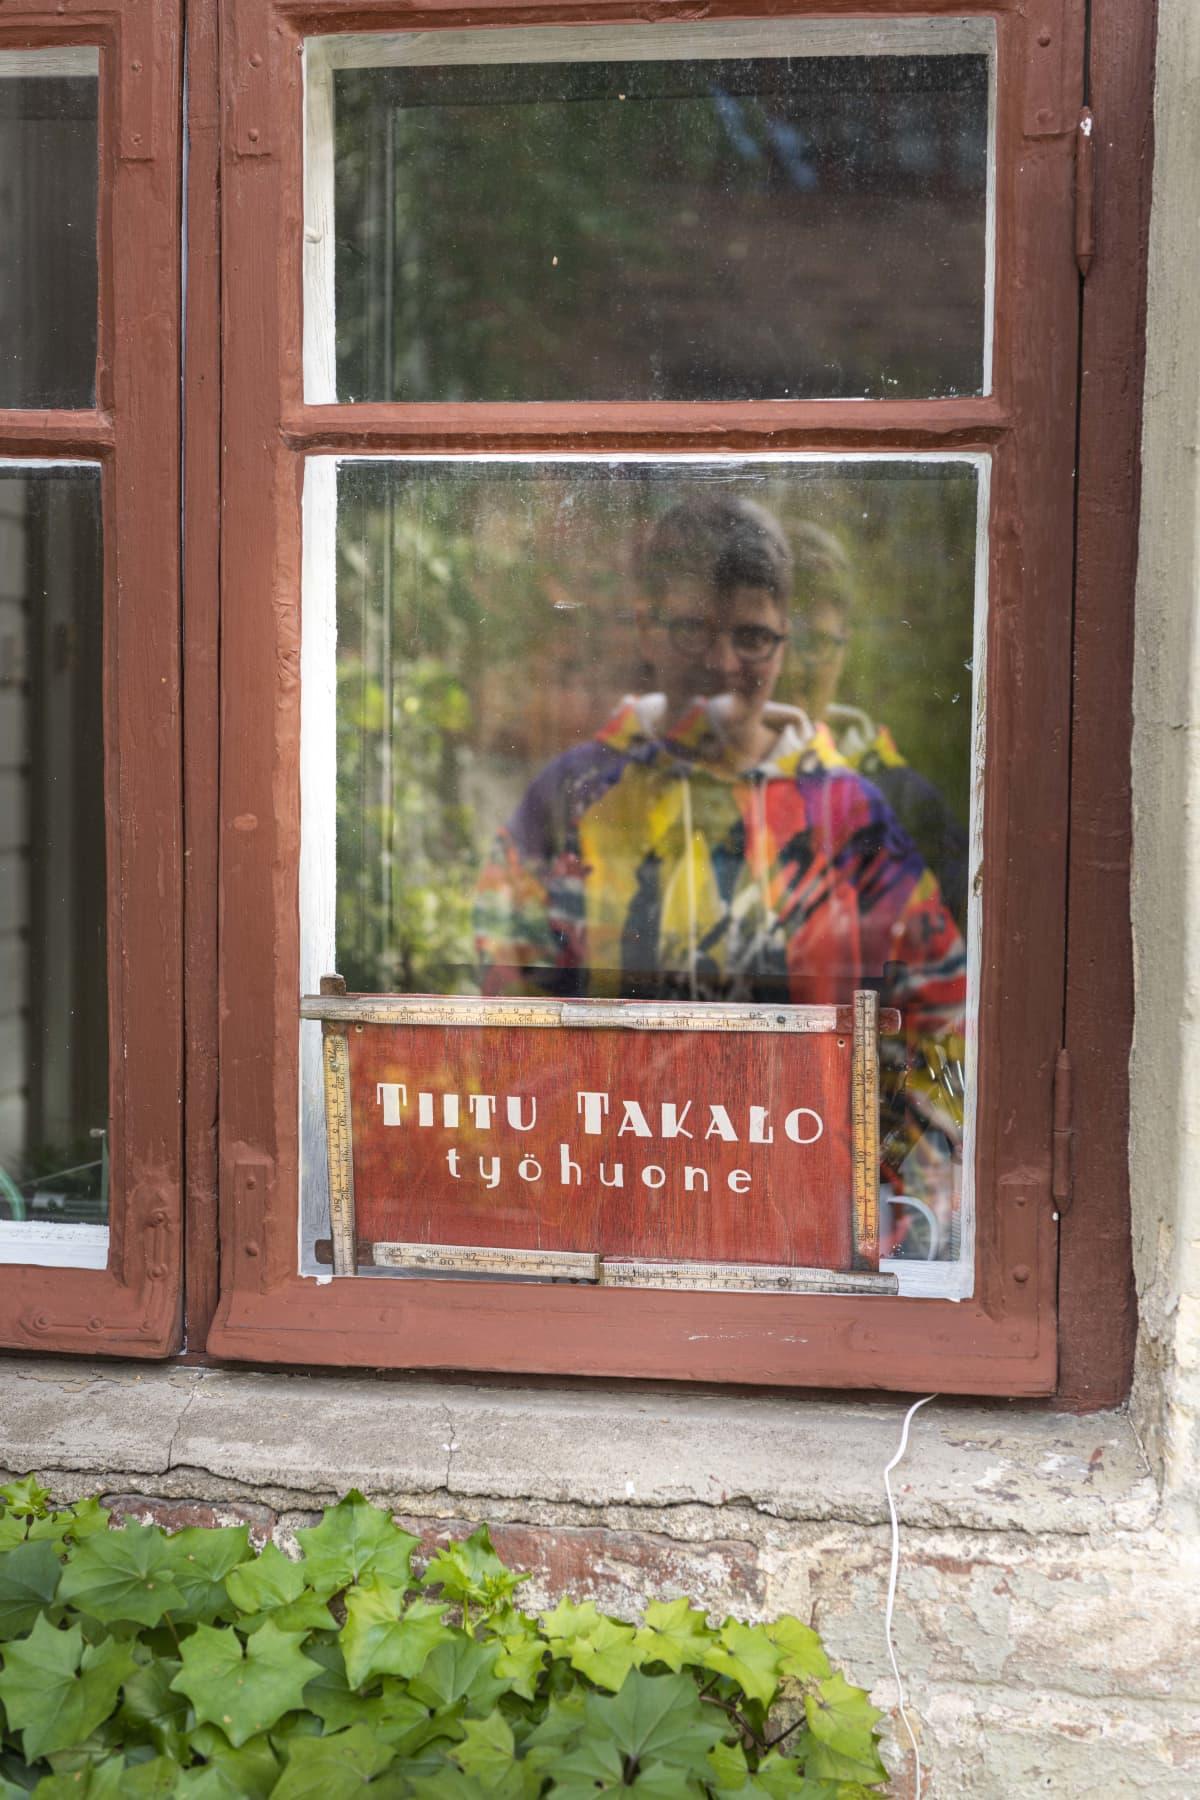 Sarjakuvataiteilija Tiitu Takalon kuva heijastuu hänen työhuoneensa ikkunasta.